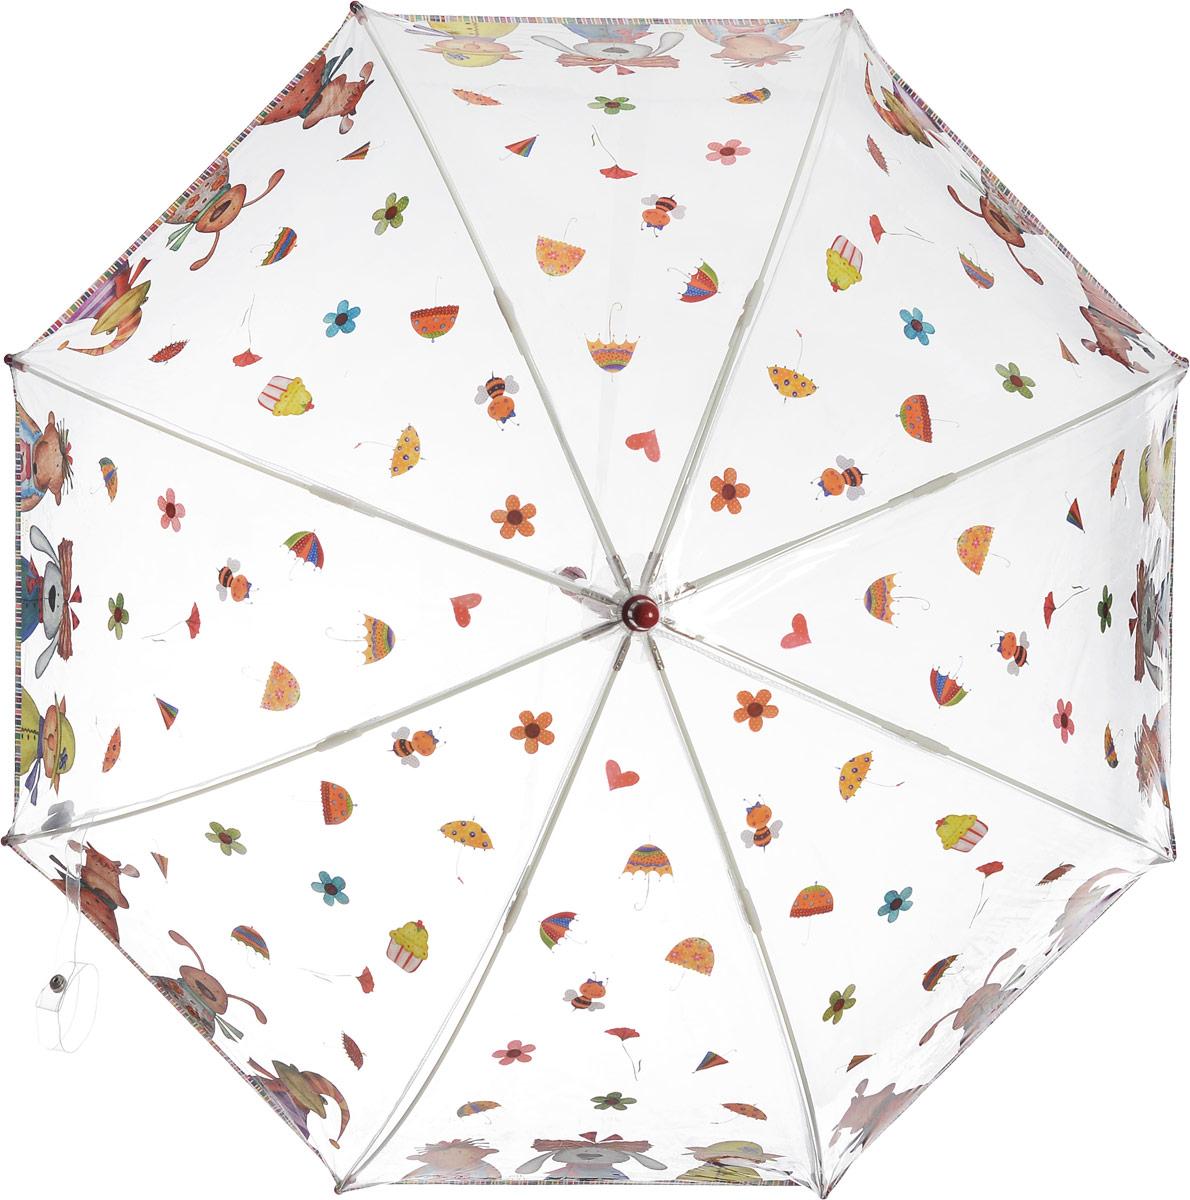 Зонт-трость детский Zest механический, цвет: прозрачный, оливковый. 51510-0551510-05Детский зонт-трость Zest выполнен из металла и пластика. Каркас зонта выполнен из восьми спиц, стержень из стали. На концах спиц предусмотрены пластиковые элементы, которые защитят малыша от травм. Купол зонта изготовлен прочного полиэстера. Закрытый купол застегивается на липучку хлястиком. Практичная глянцевая рукоятка закругленной формы разработана с учетом требований эргономики и выполнена из пластика. Чудесный прозрачный зонтик с изображением красочного рисунка на прозрачном куполе. Эта очень позитивная, прочная в применении модель обязательно понравится вашему ребенку.